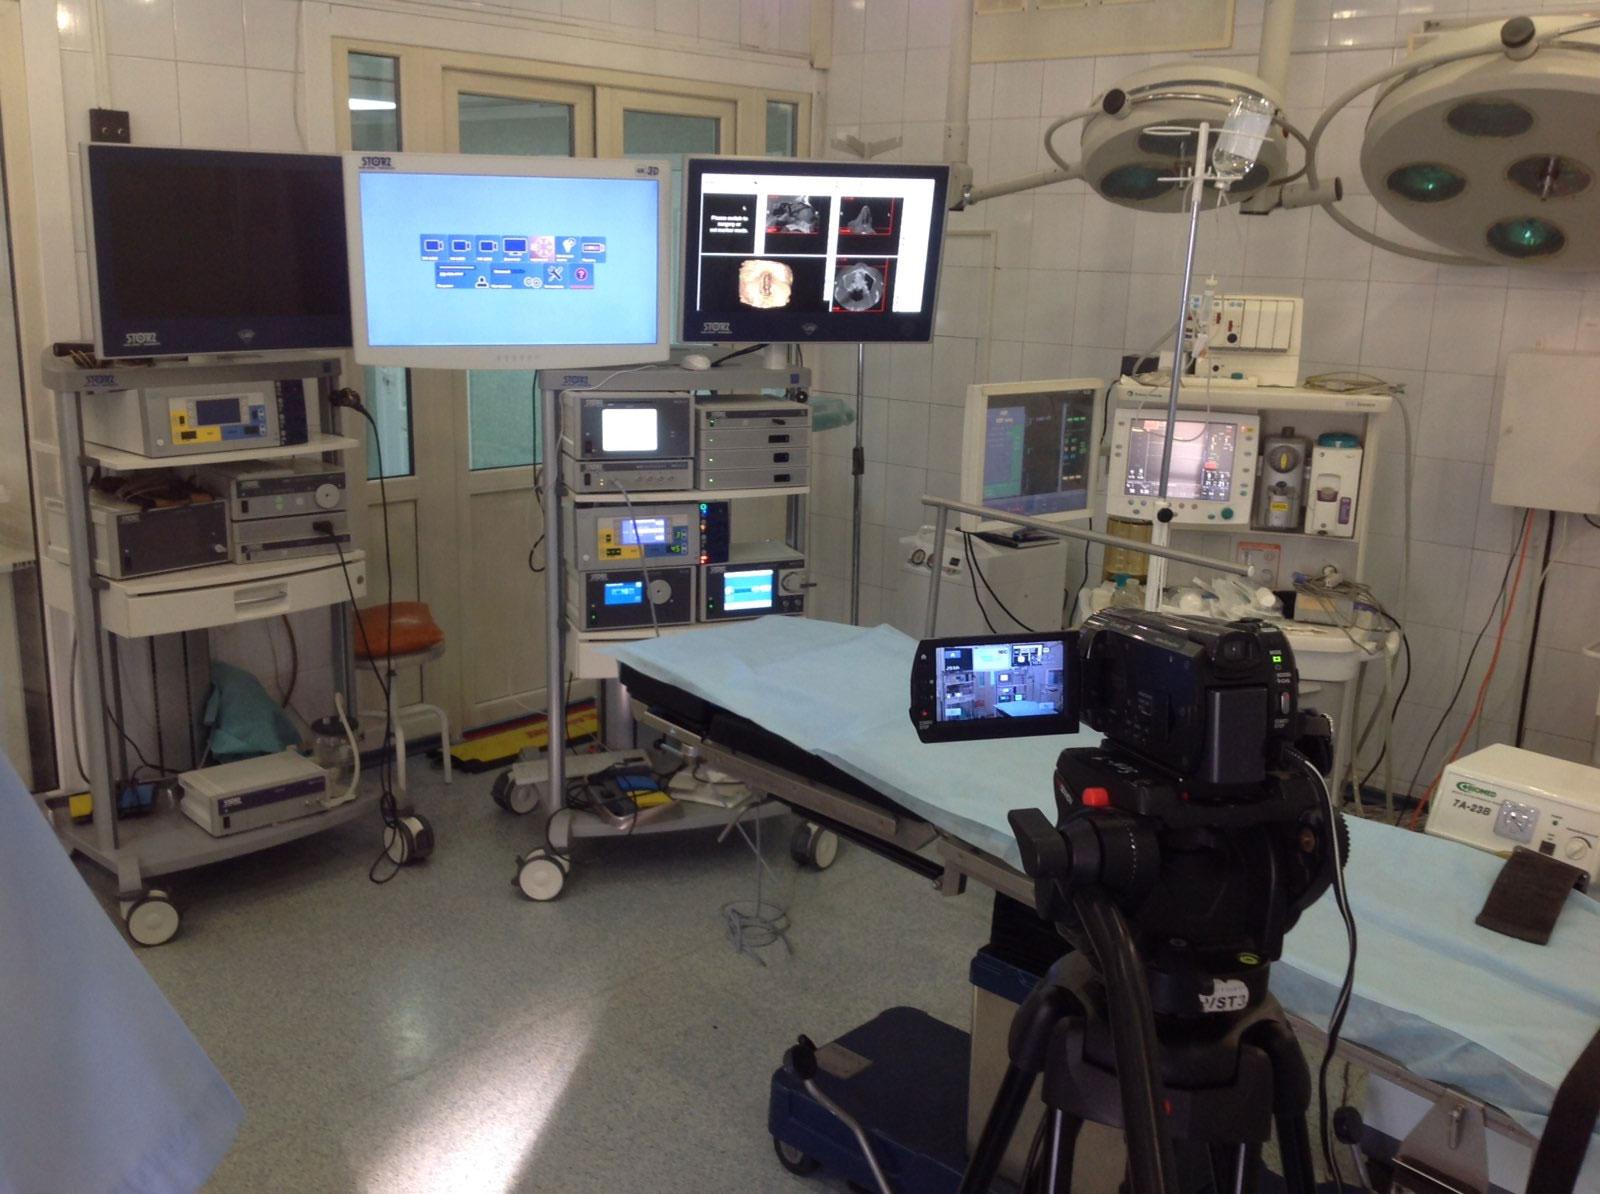 Оборудование для проведения онлайн трансляции операции в формате 3D, услуга или аренда. Киев, Украина. Компания Эквиптайм